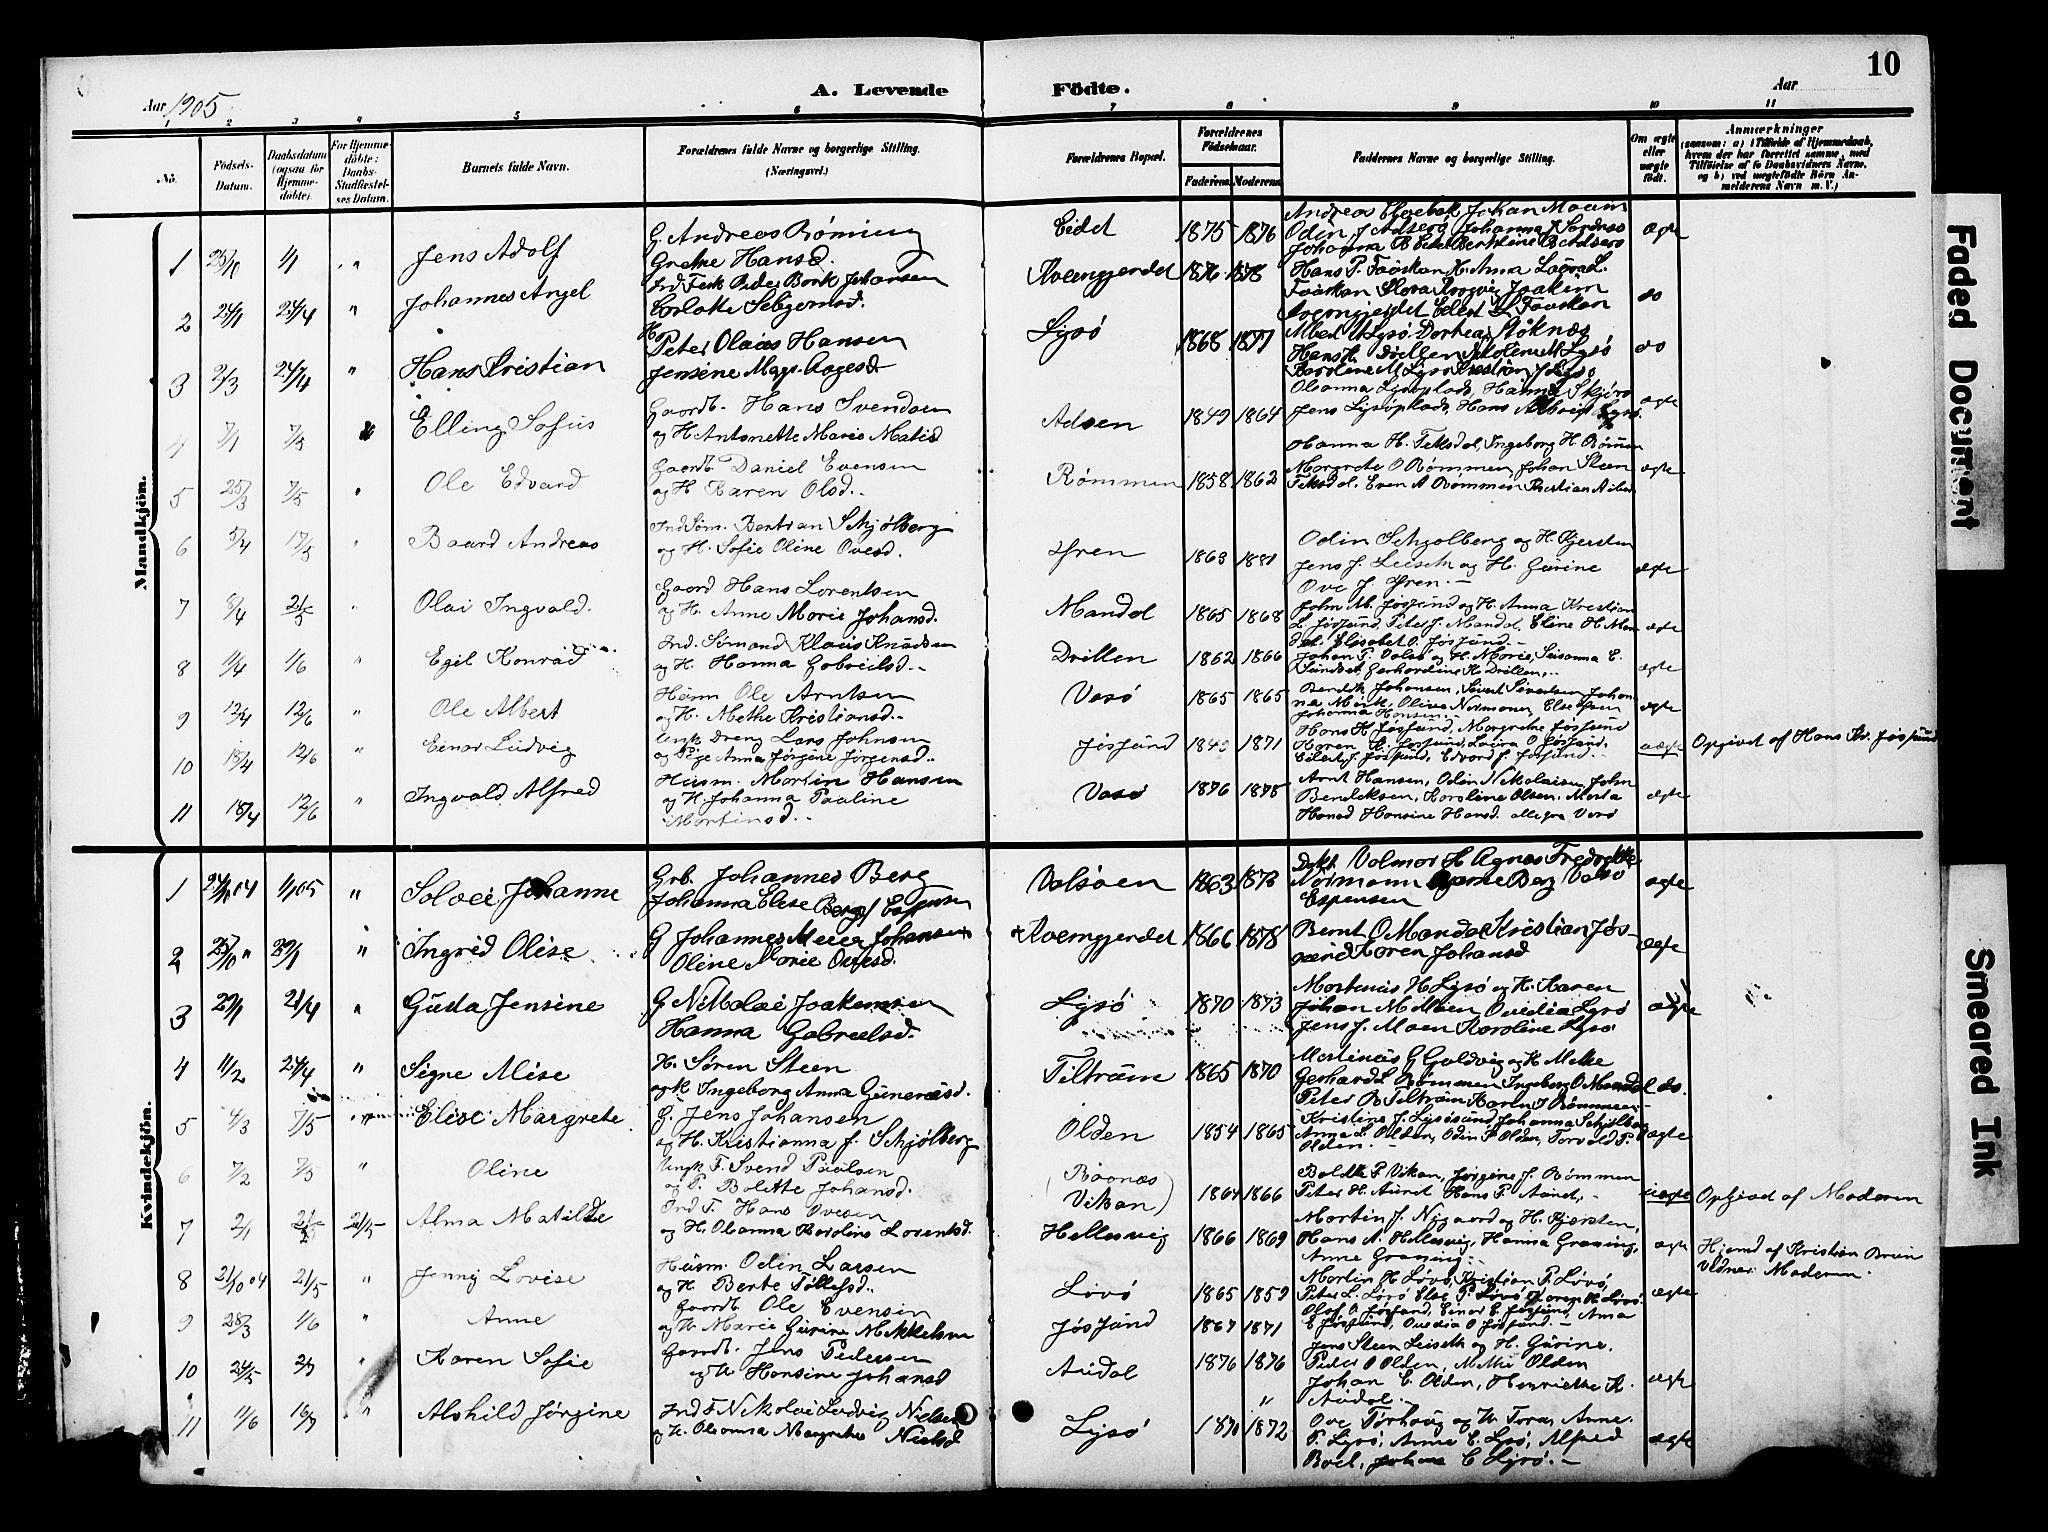 SAT, Ministerialprotokoller, klokkerbøker og fødselsregistre - Sør-Trøndelag, 654/L0666: Klokkerbok nr. 654C02, 1901-1925, s. 10